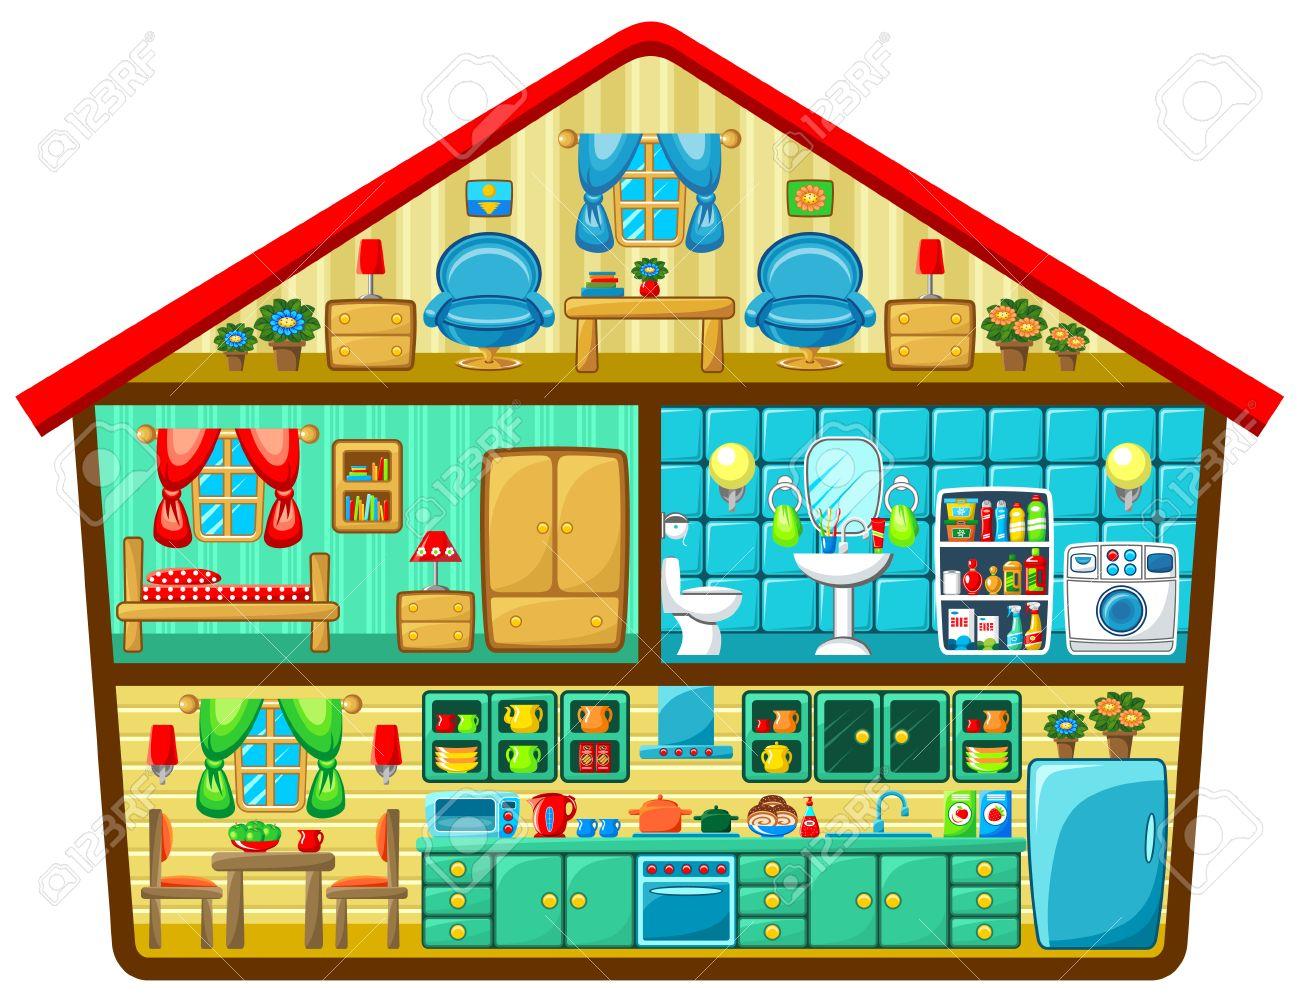 Banque dimages maison de dessin animé dans une coupe vector illustration